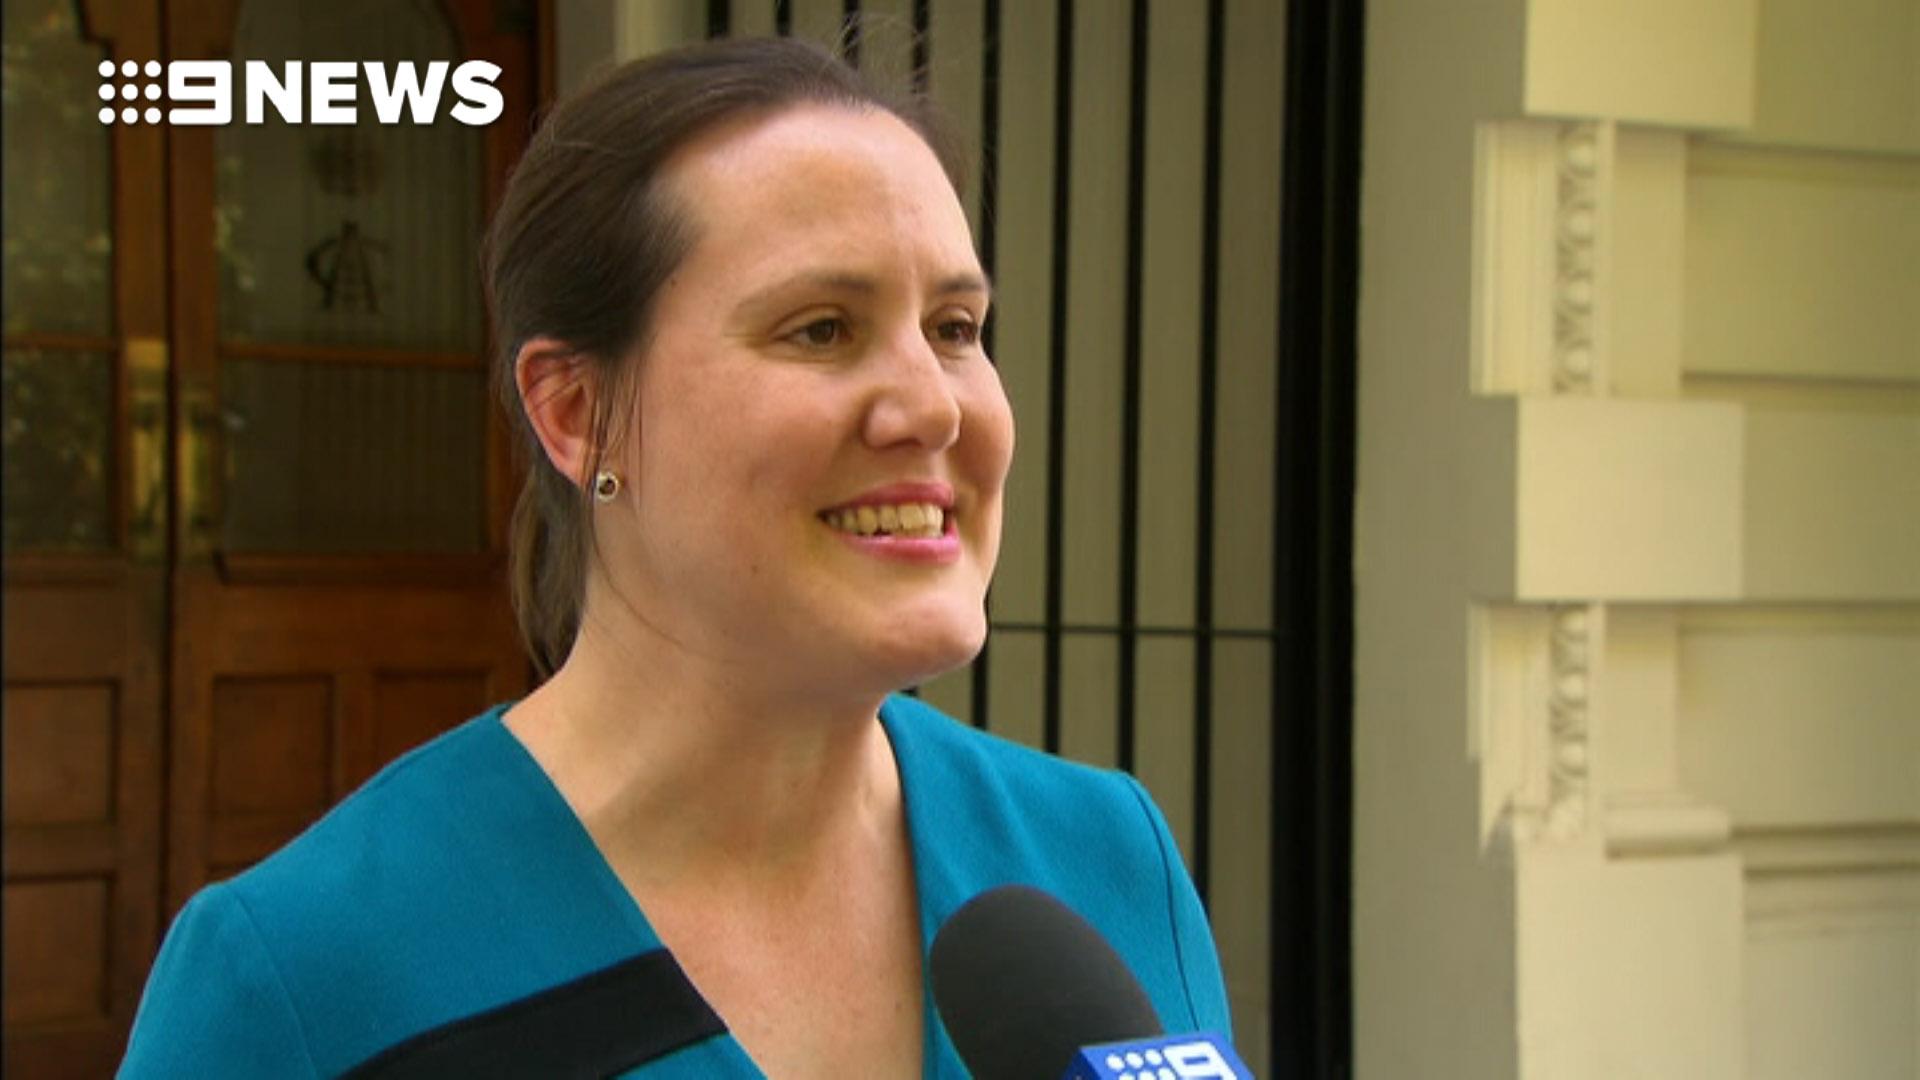 Kelly O'Dwyer congratulates Jacinda Ardern on pregnancy announcement